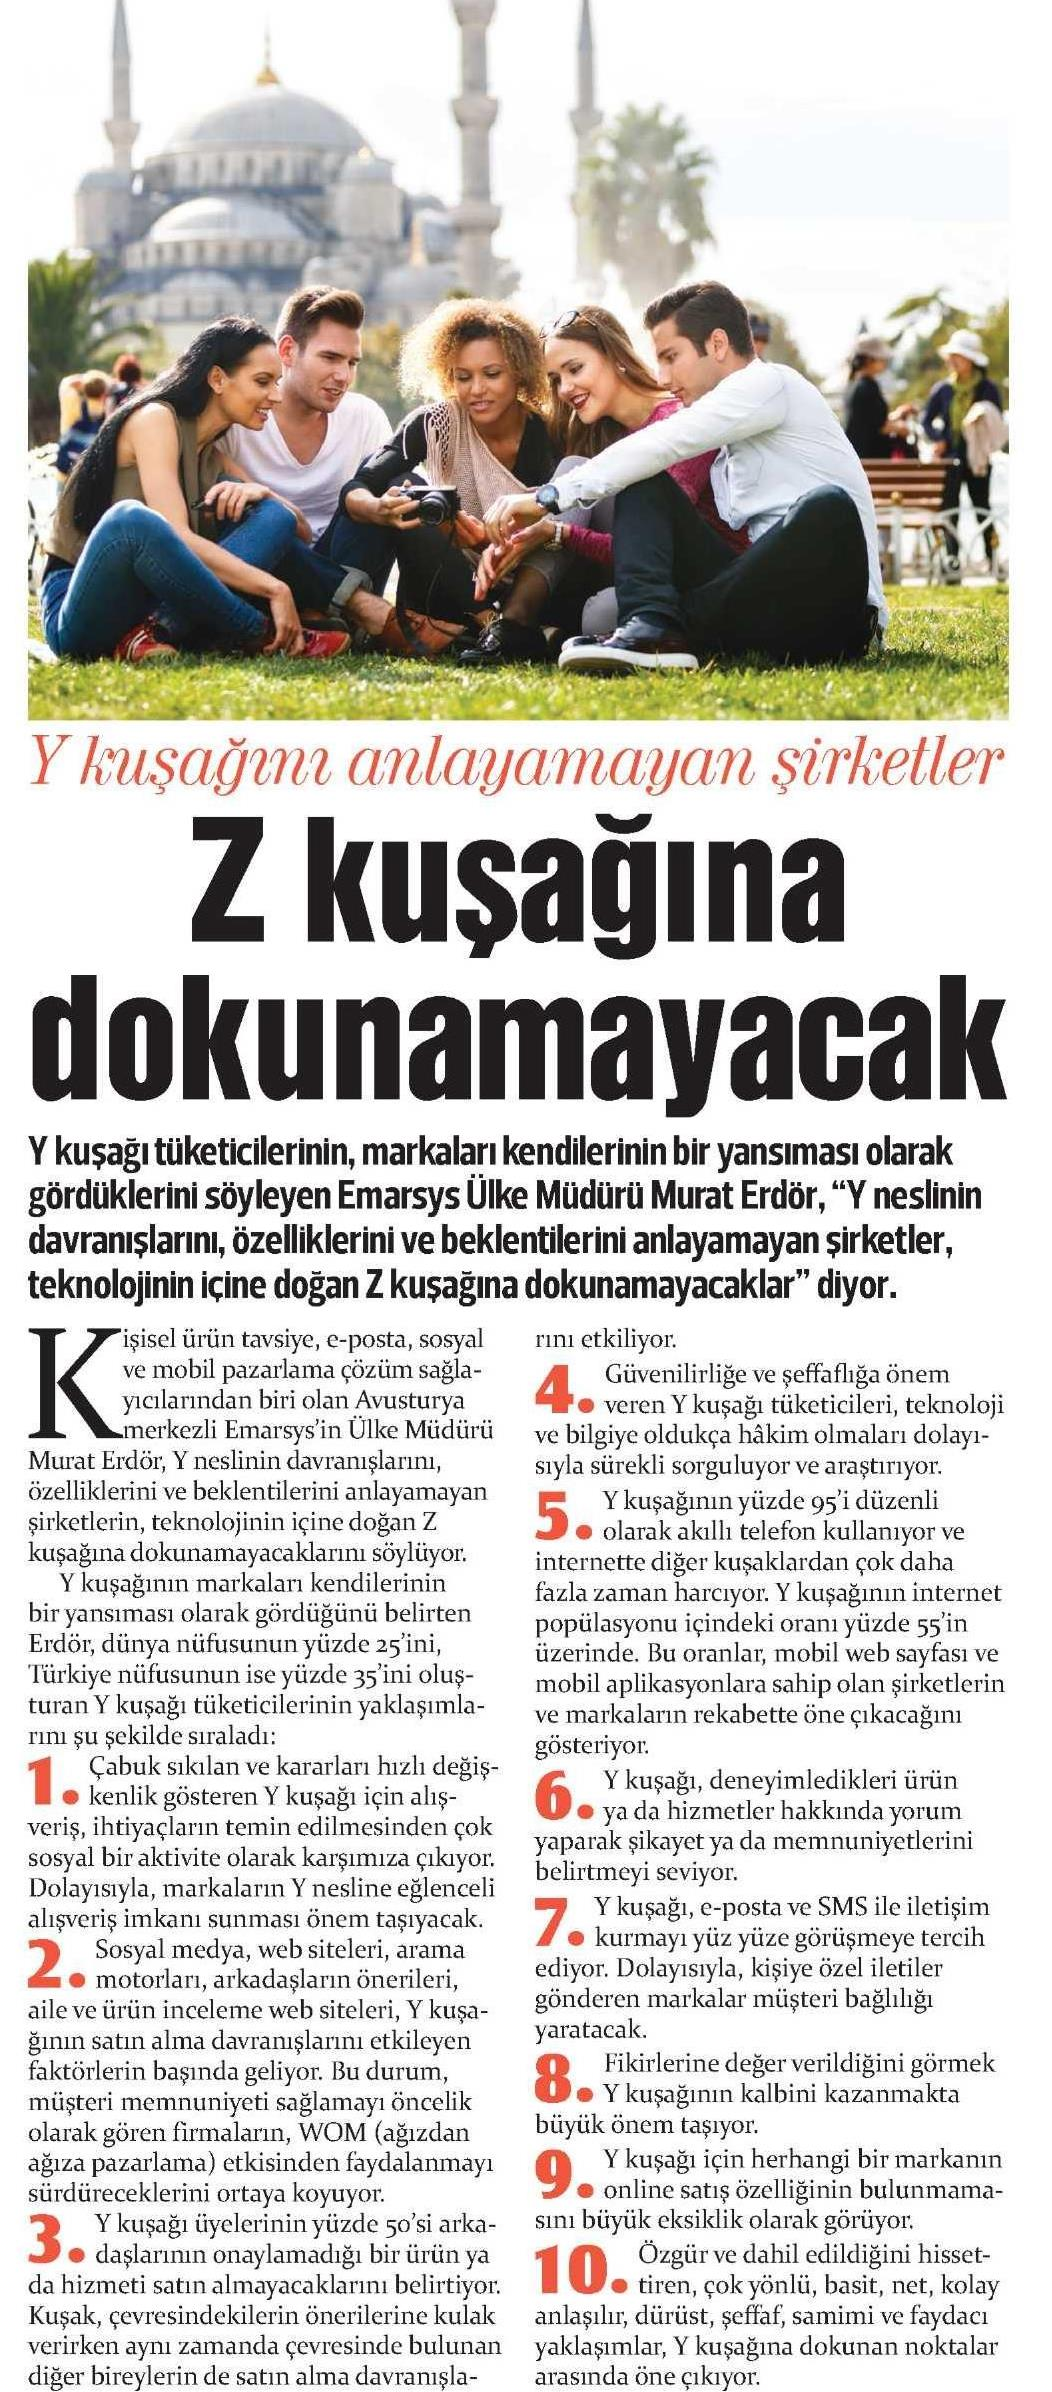 36 - Hürriyet Gazetesi_muraterdor.com_12.7.2015